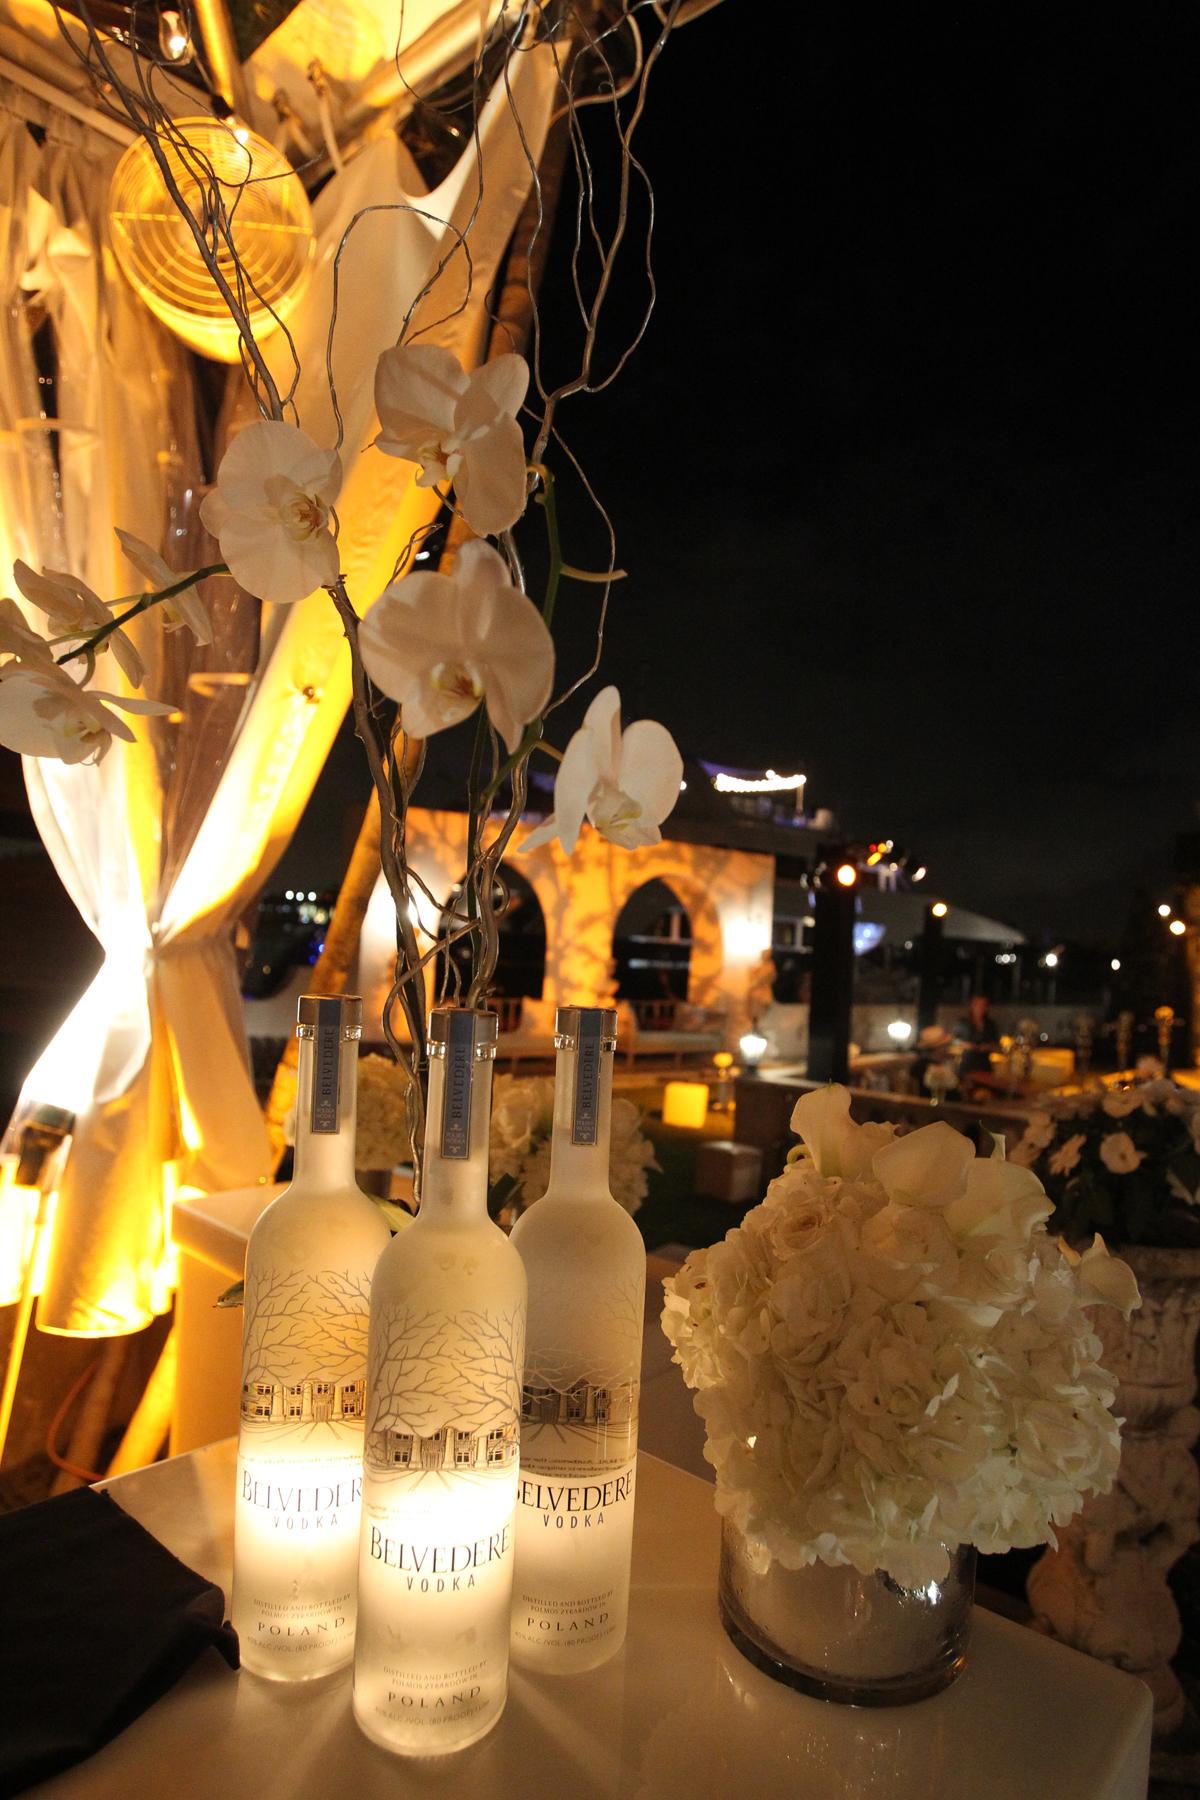 belvedere-vodka-dom-perignon-10